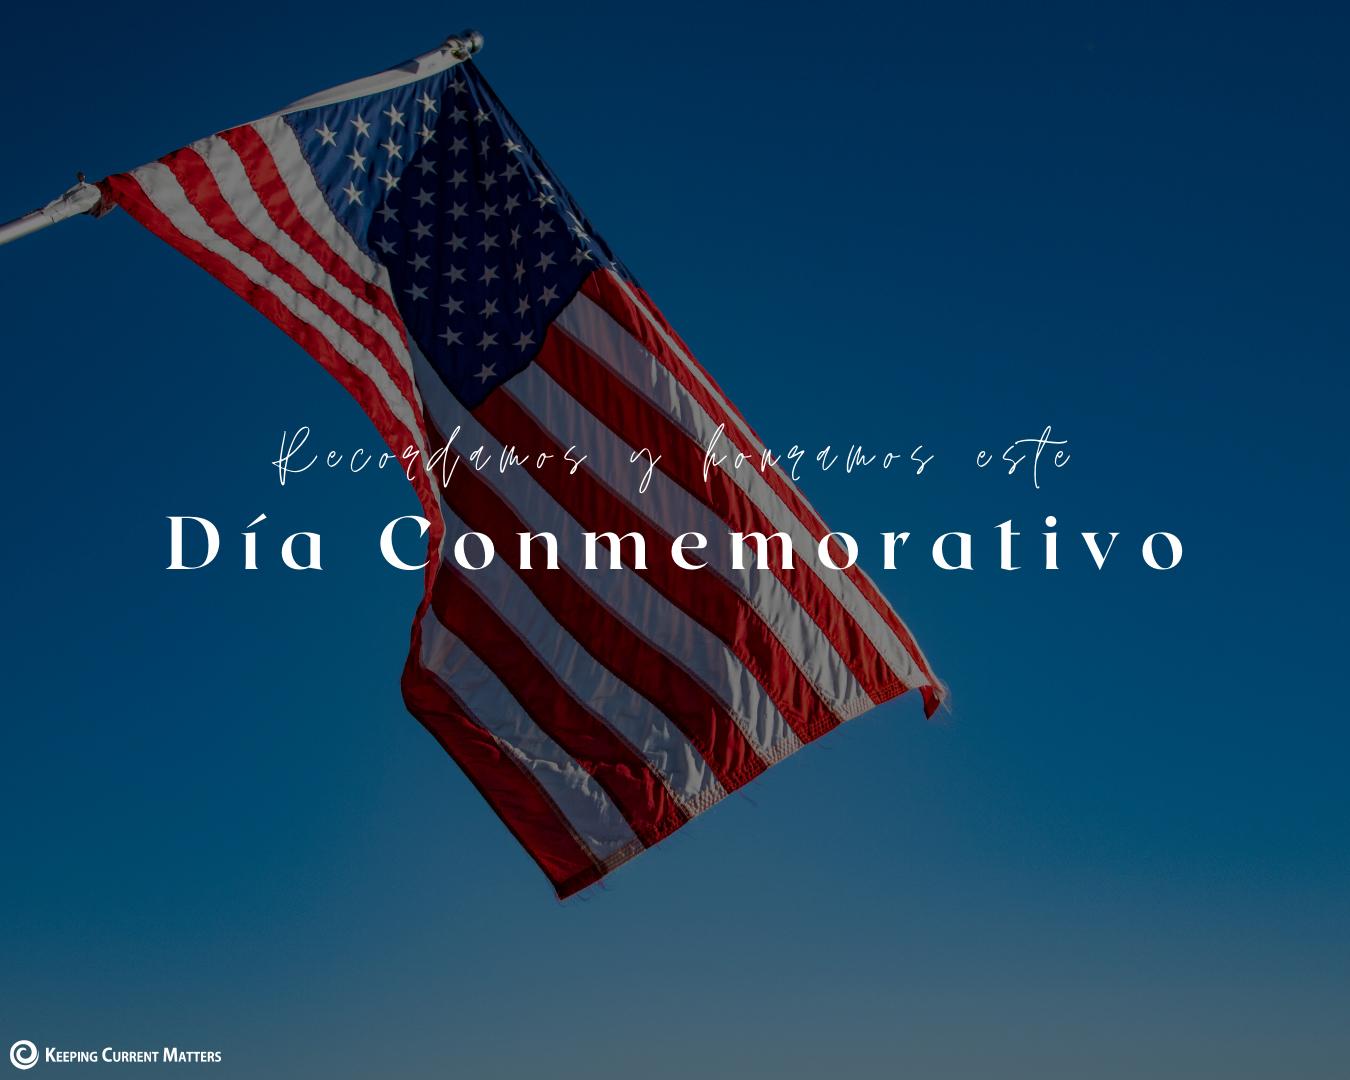 Recordamos y honramos a todos aquellos de dieron todo | Keeping Current Matters